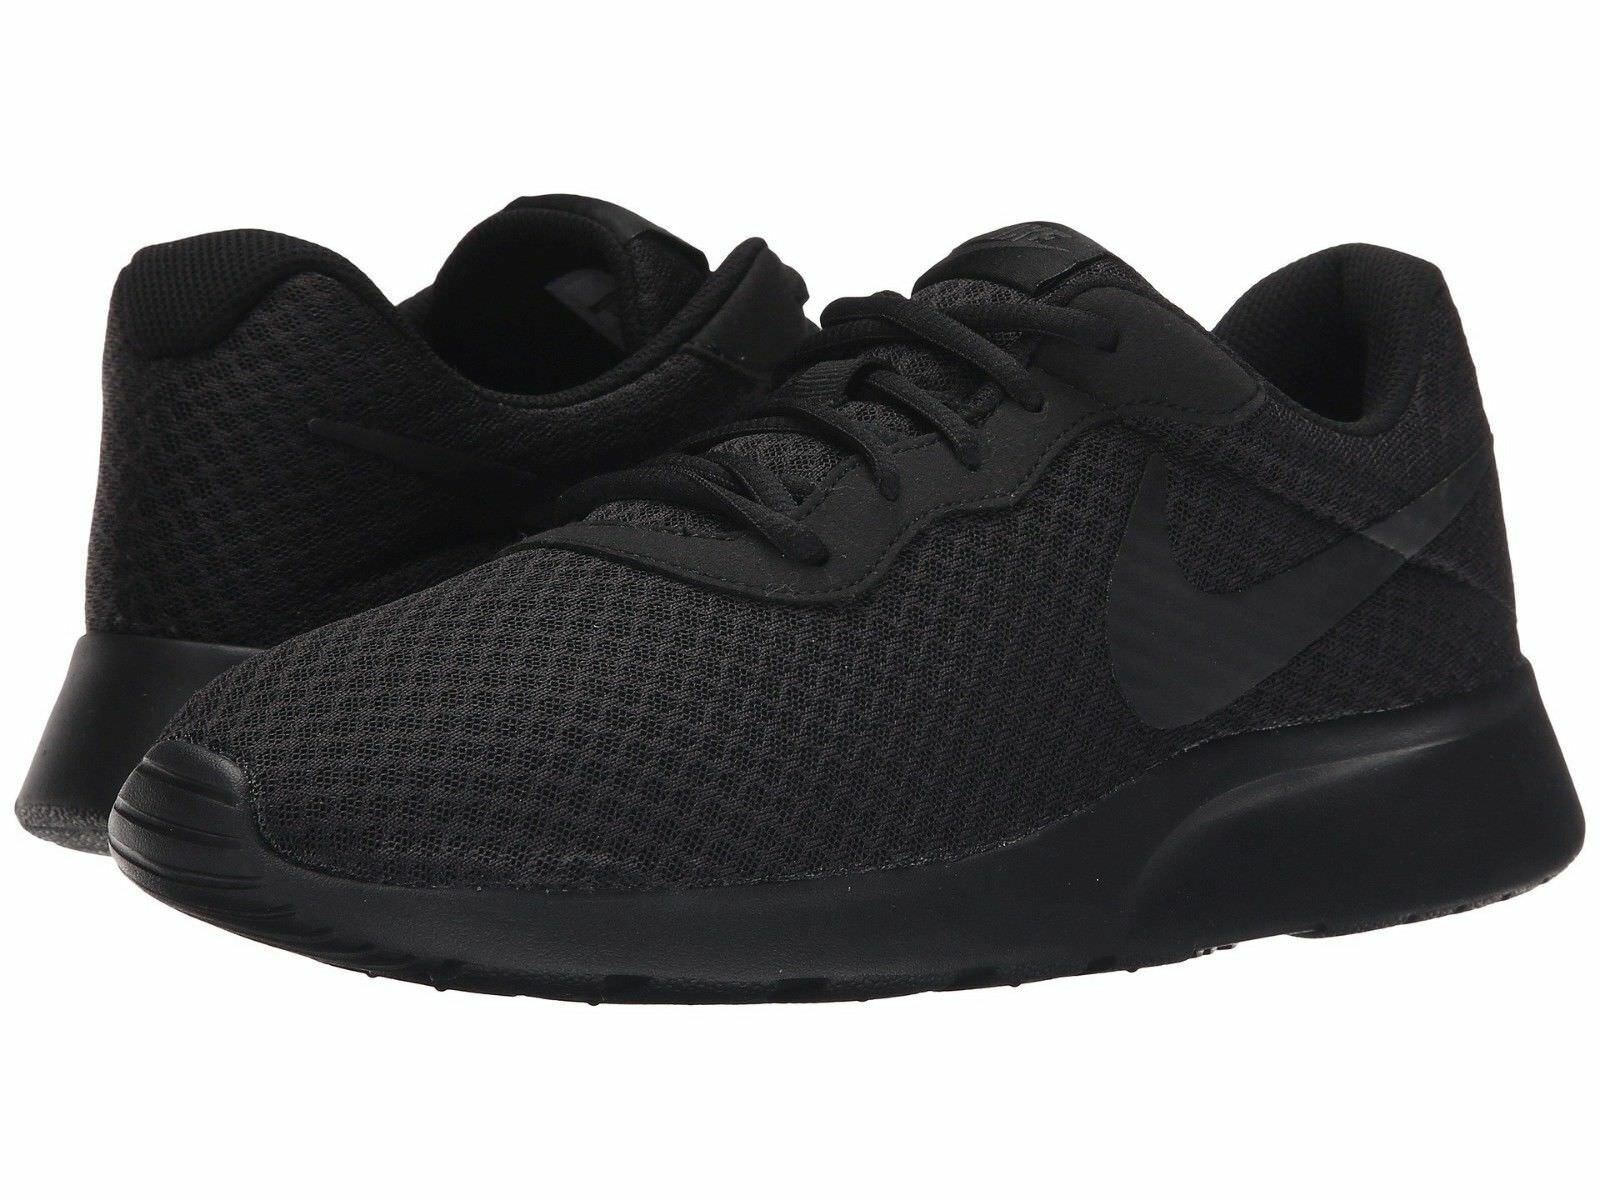 NIKE Men Tanjun 812654- 001 Black  Running Casual Shoes Men NIKE Sizes 7.5 thru 10.5 8eeaad